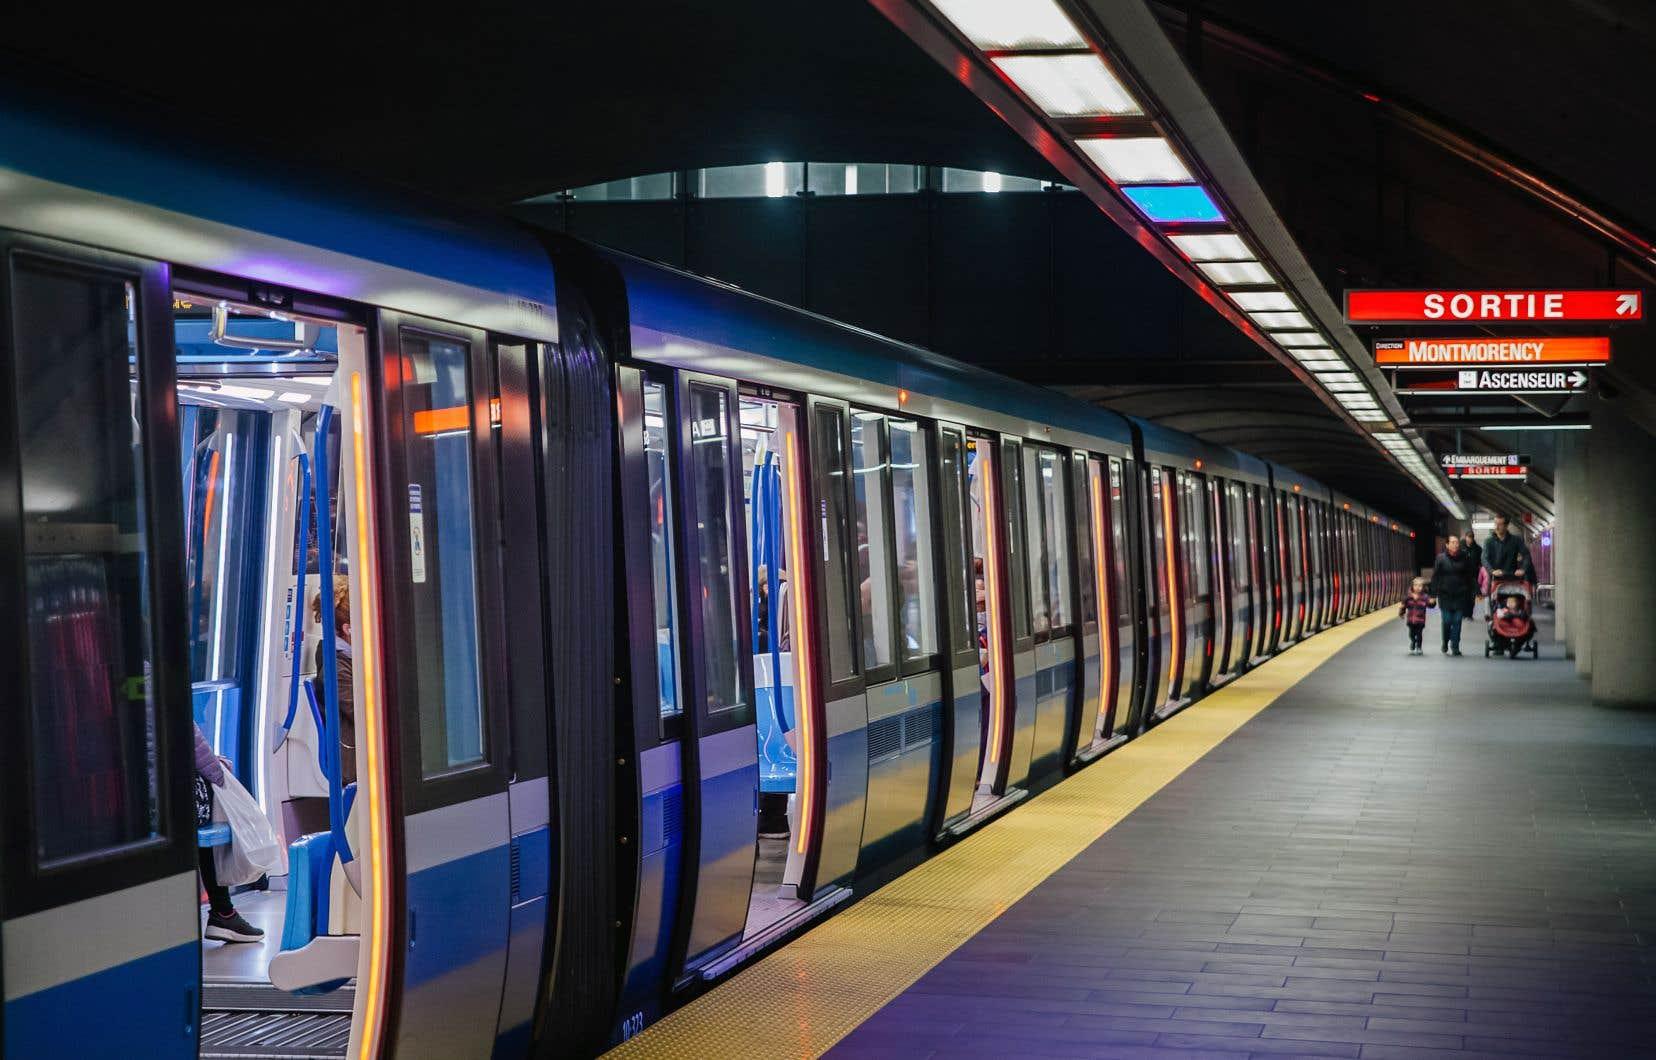 En 2018, la STM a commencé à enregistrer certaines journées où il y a eu plus d'un million d'entrants dans le métro, avec un total annuel s'élevant à plus de 270millions (une hausse de 4%, par rapport à l'année précédente).